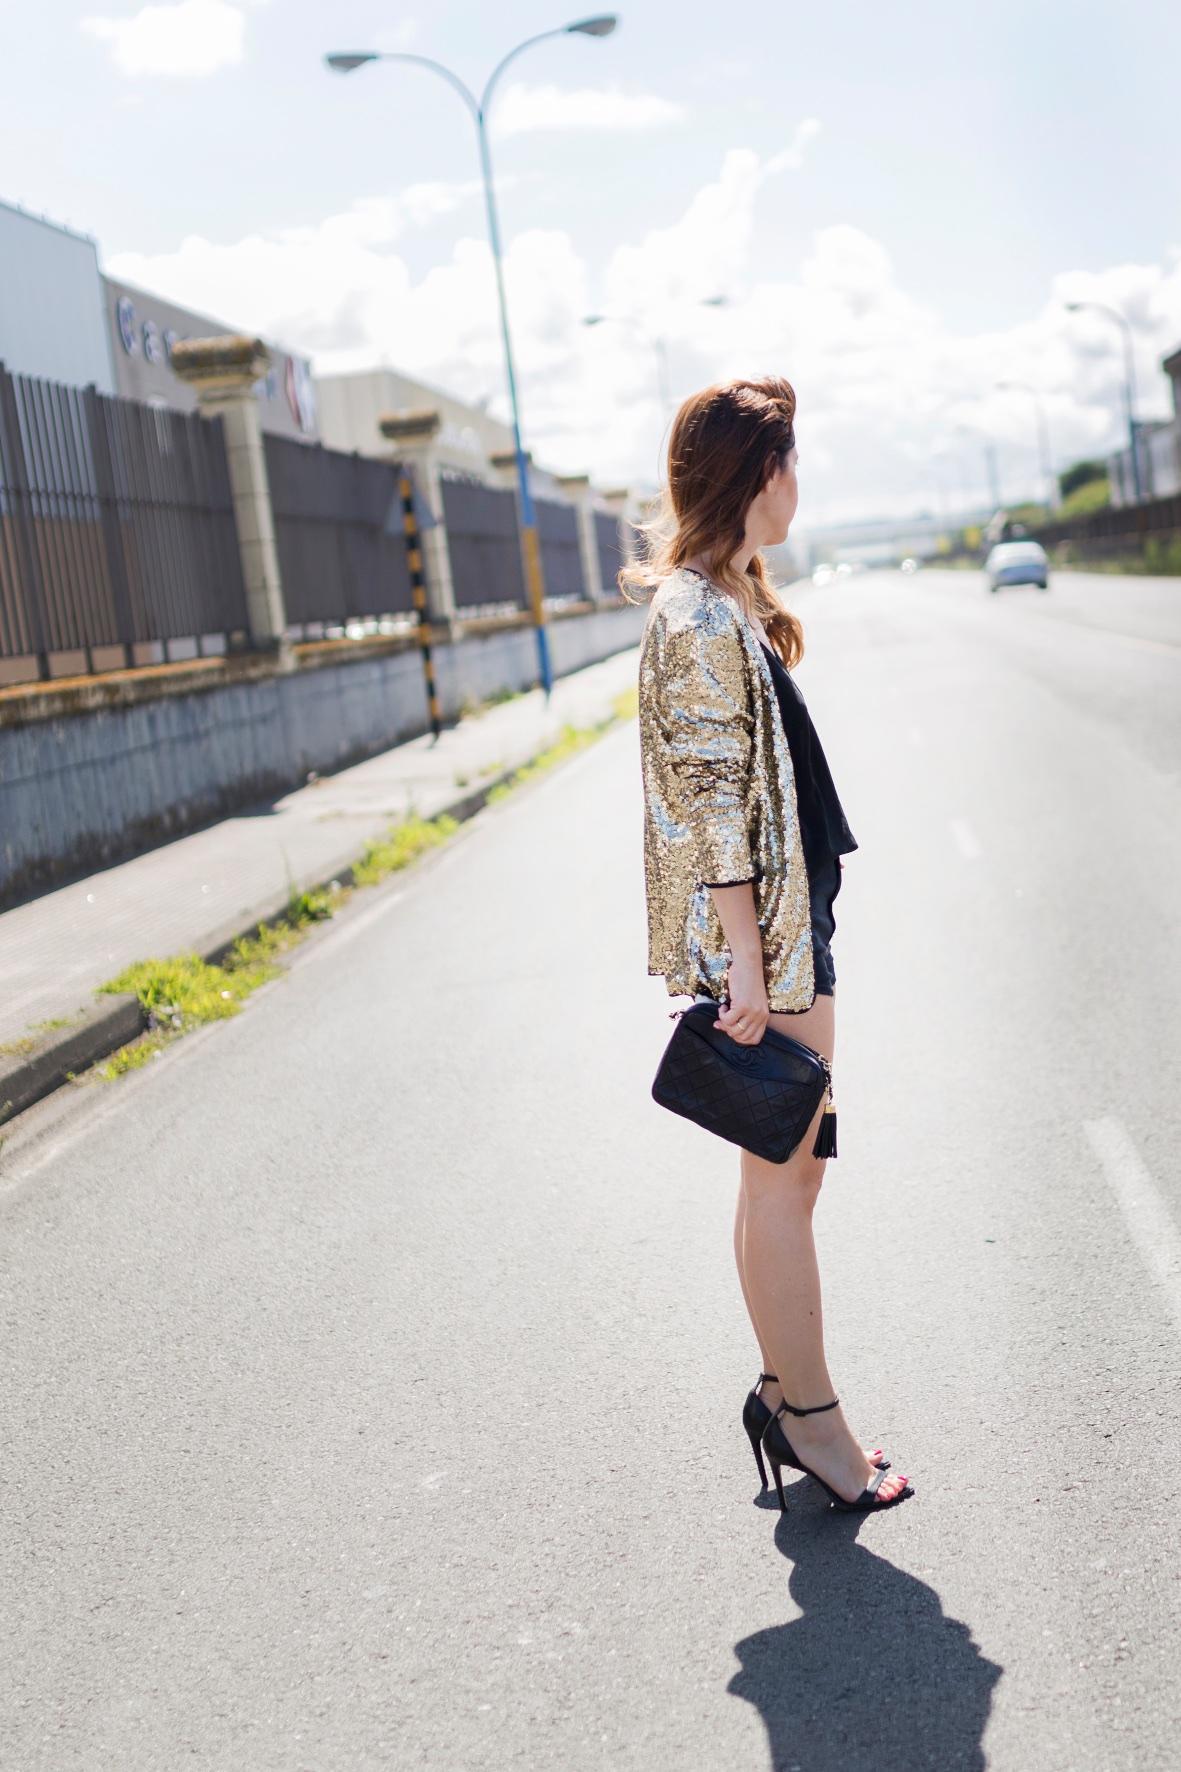 Sequined Coat, SHEIN, cazadora lentejuelas, fashion, blogger, style, sytreetstyle,chanel, coruña, descalzaporelparque, alba cuesta, look, style, ootd